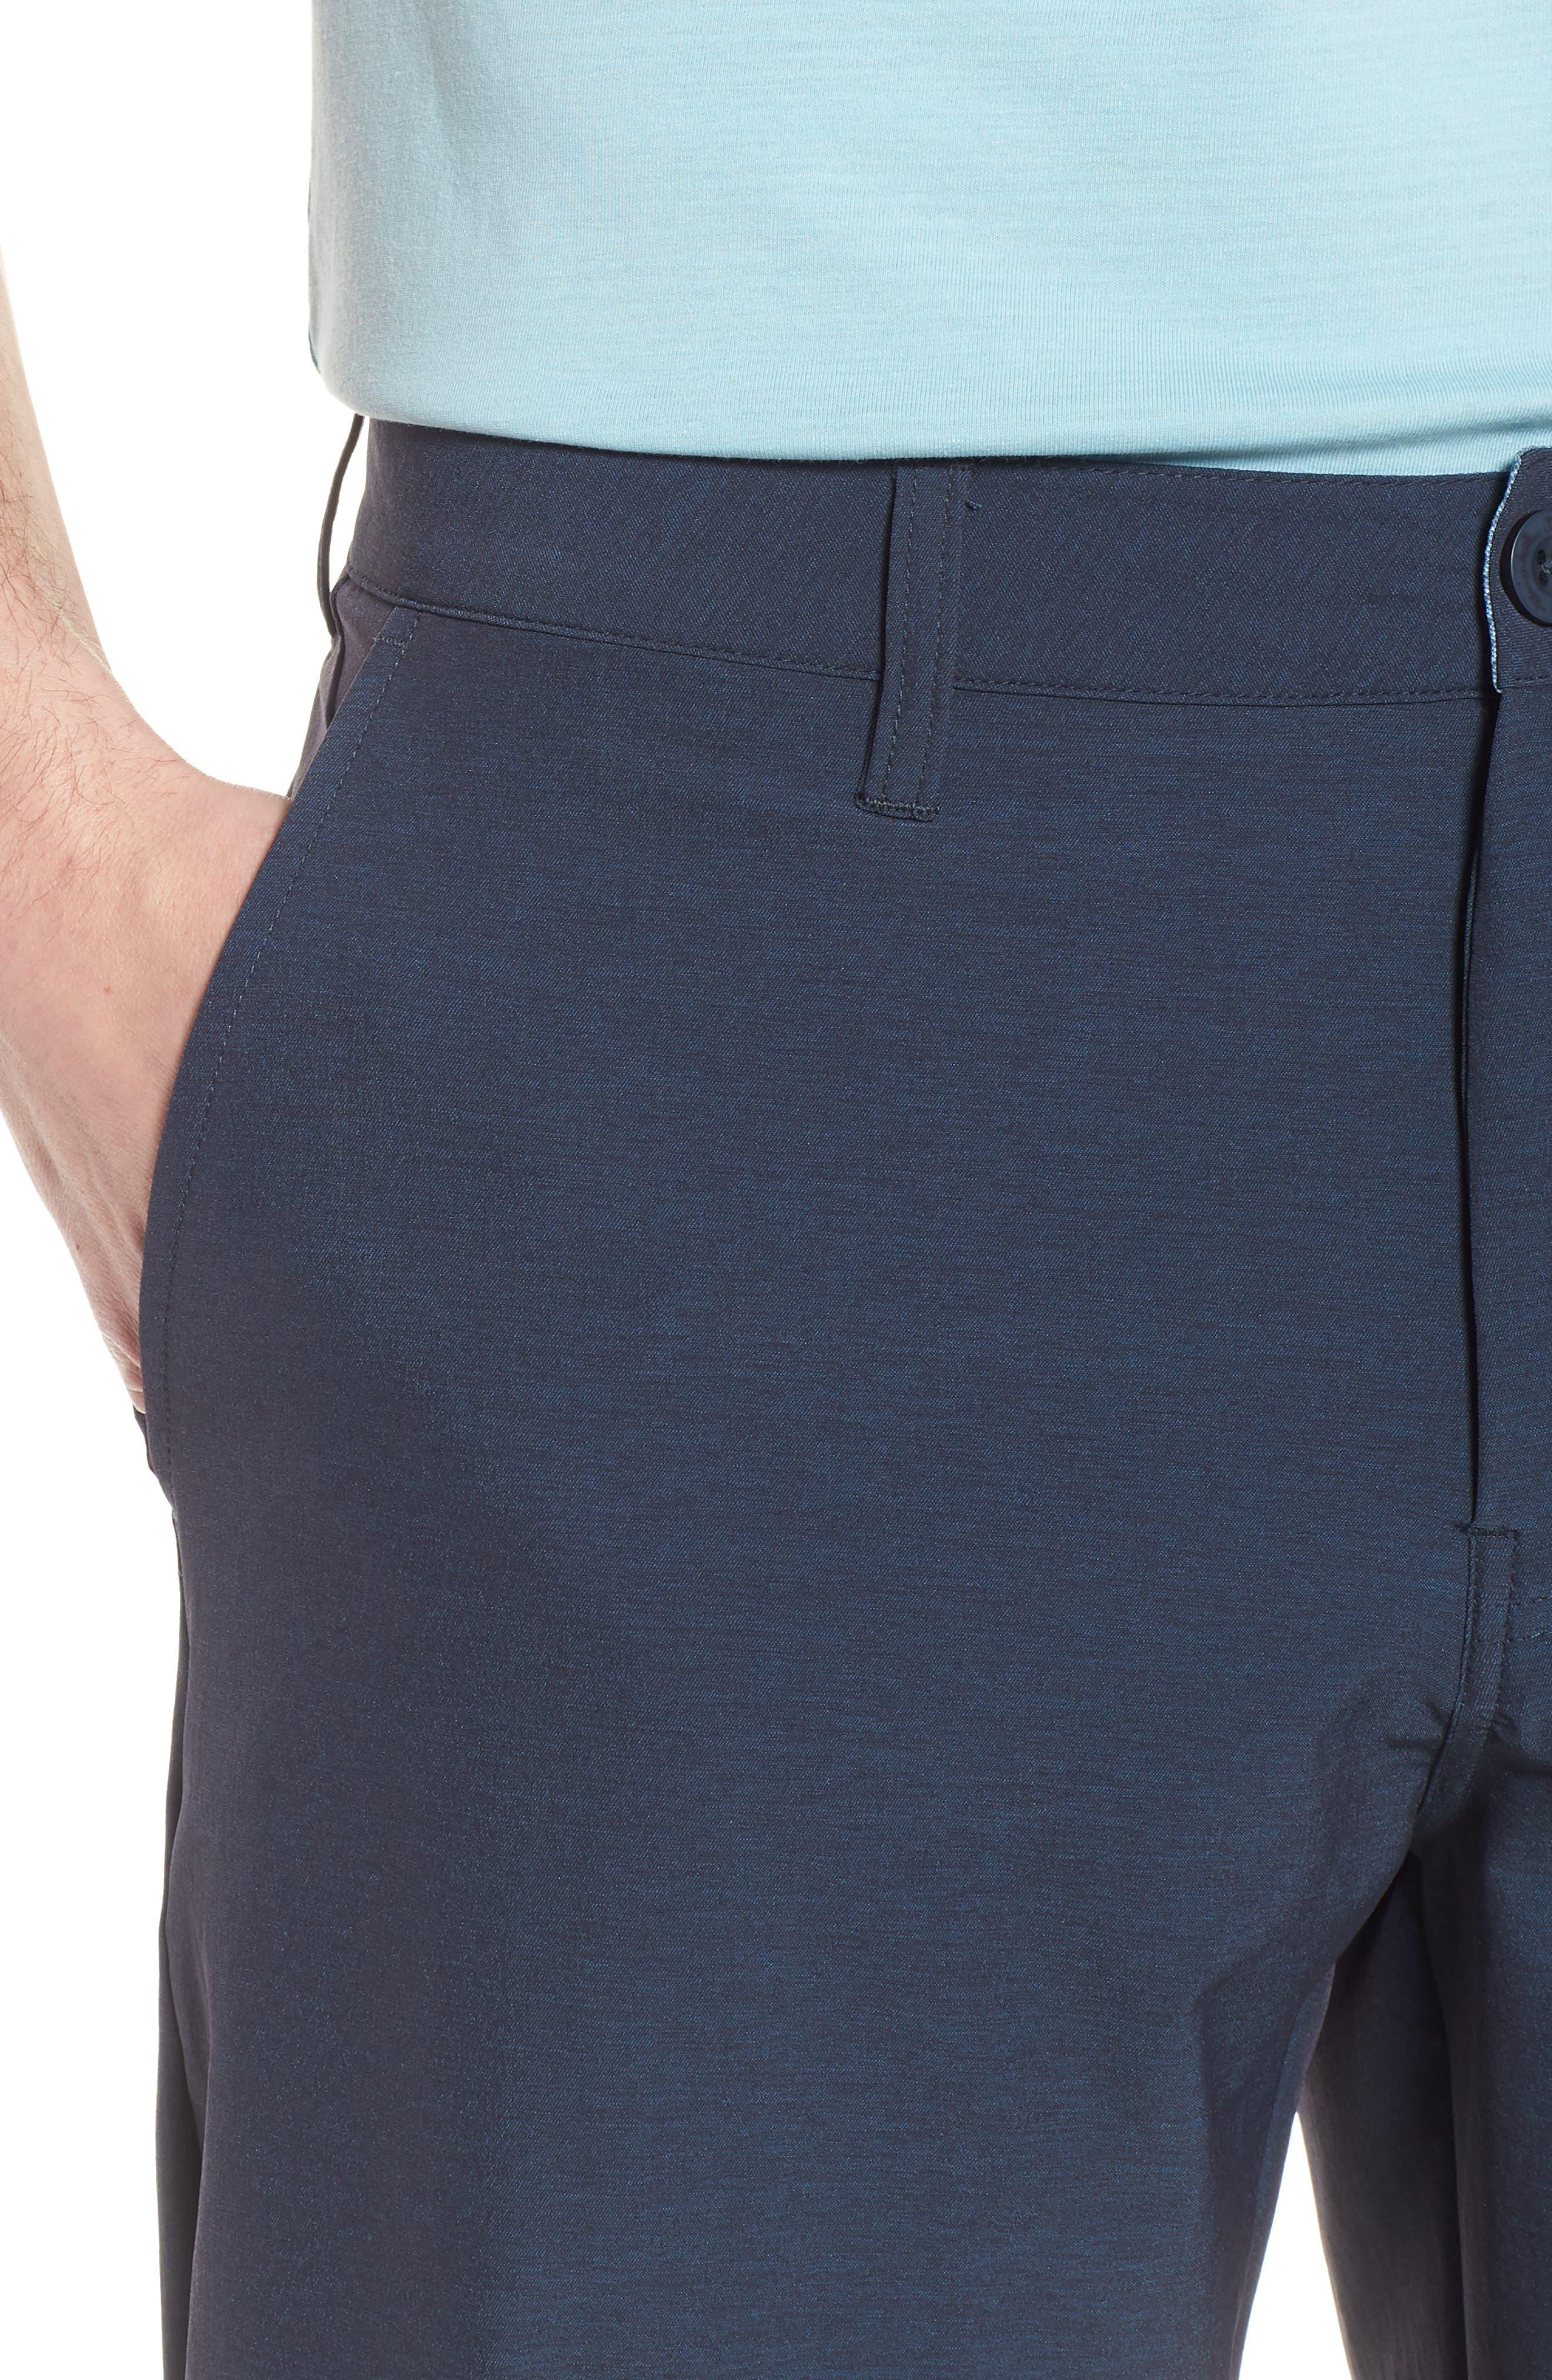 Pancho Shorts,                             Alternate thumbnail 4, color,